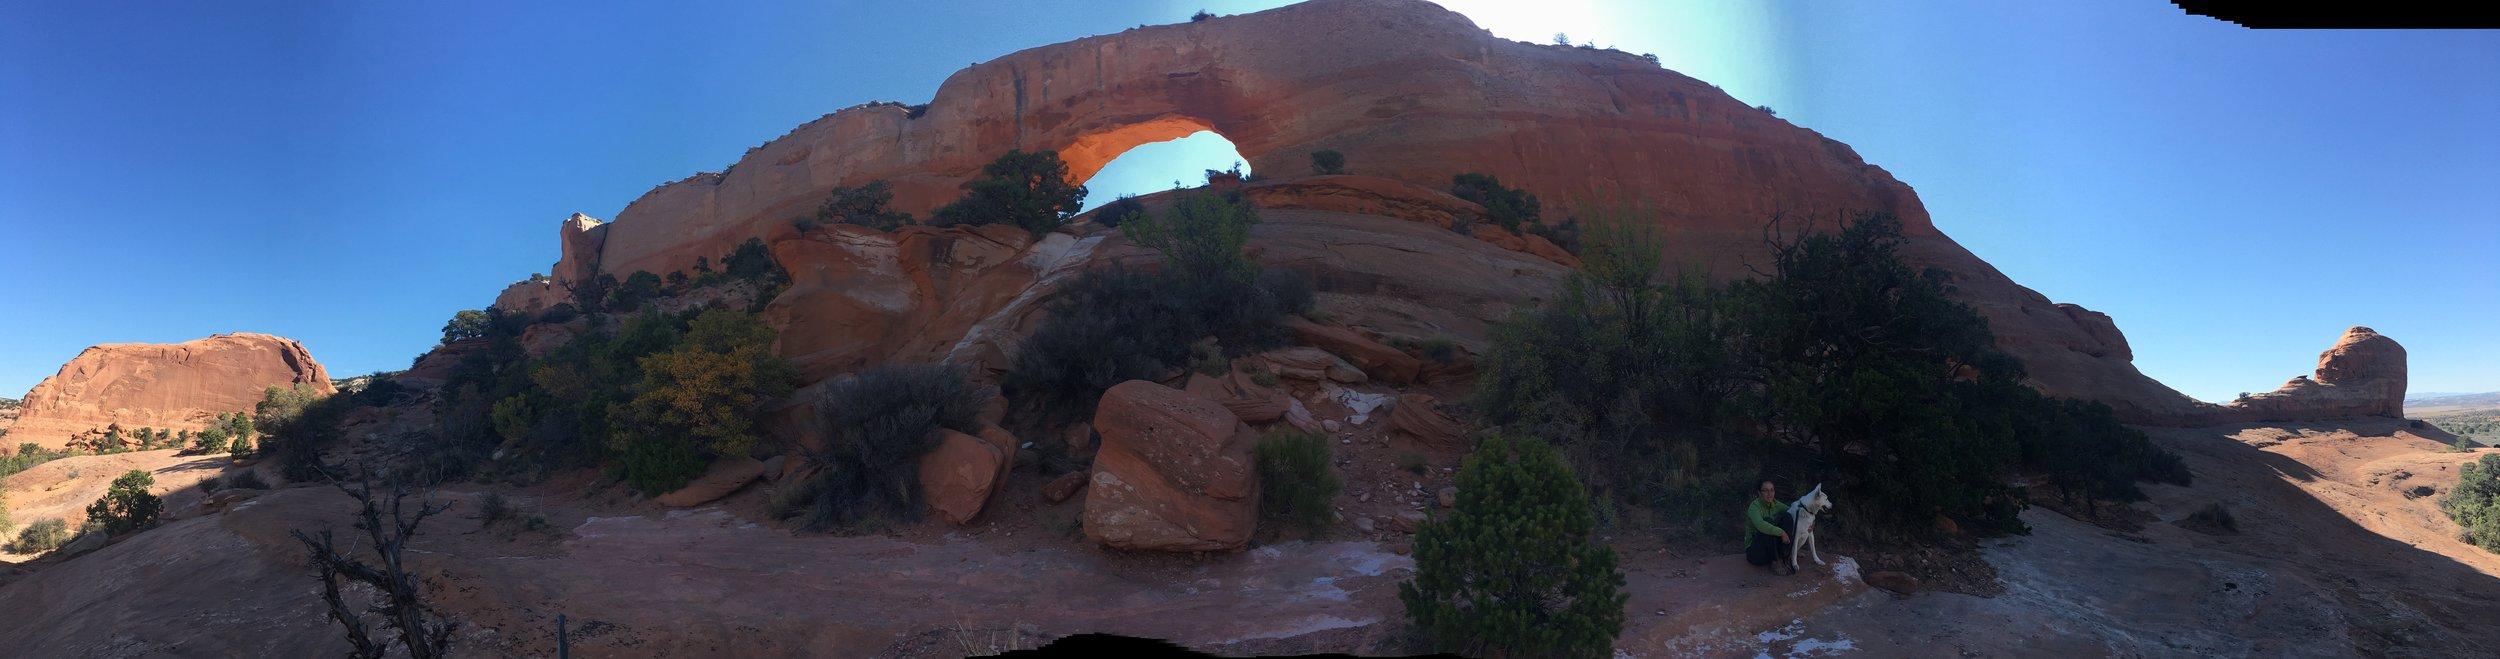 An arch rock